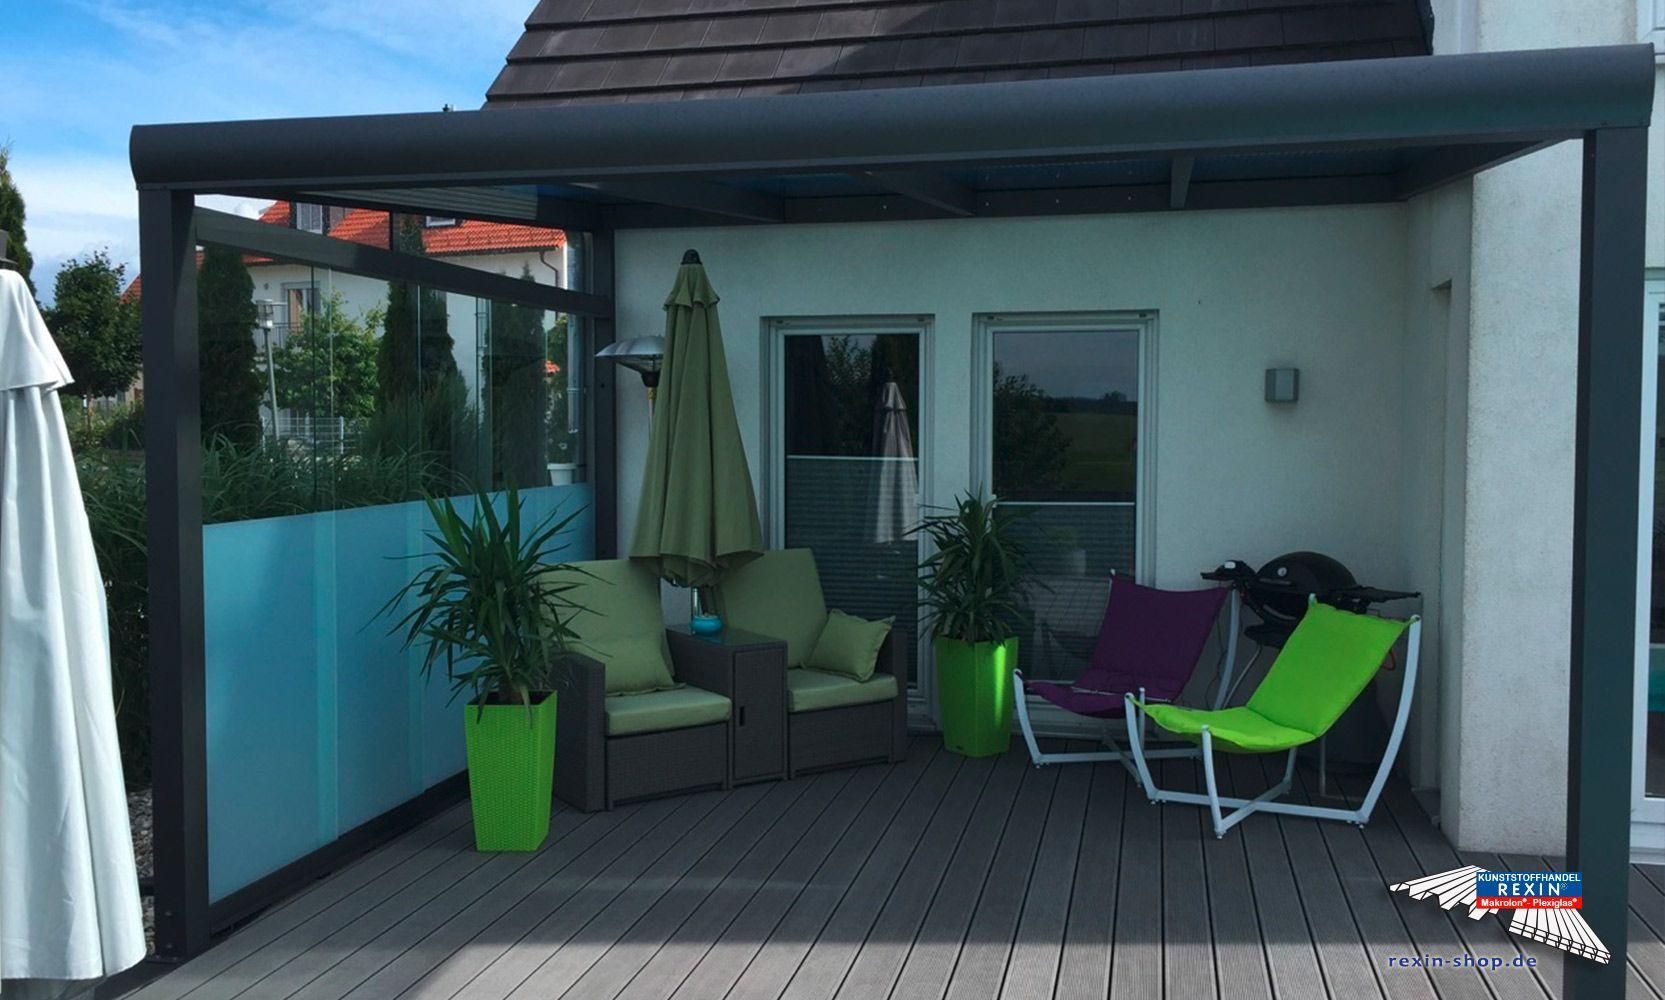 Alu Terrassendach Bausatz ~ Ein alu terrassendach der marke rexopremium 4m x 3 5m anthrazit mit